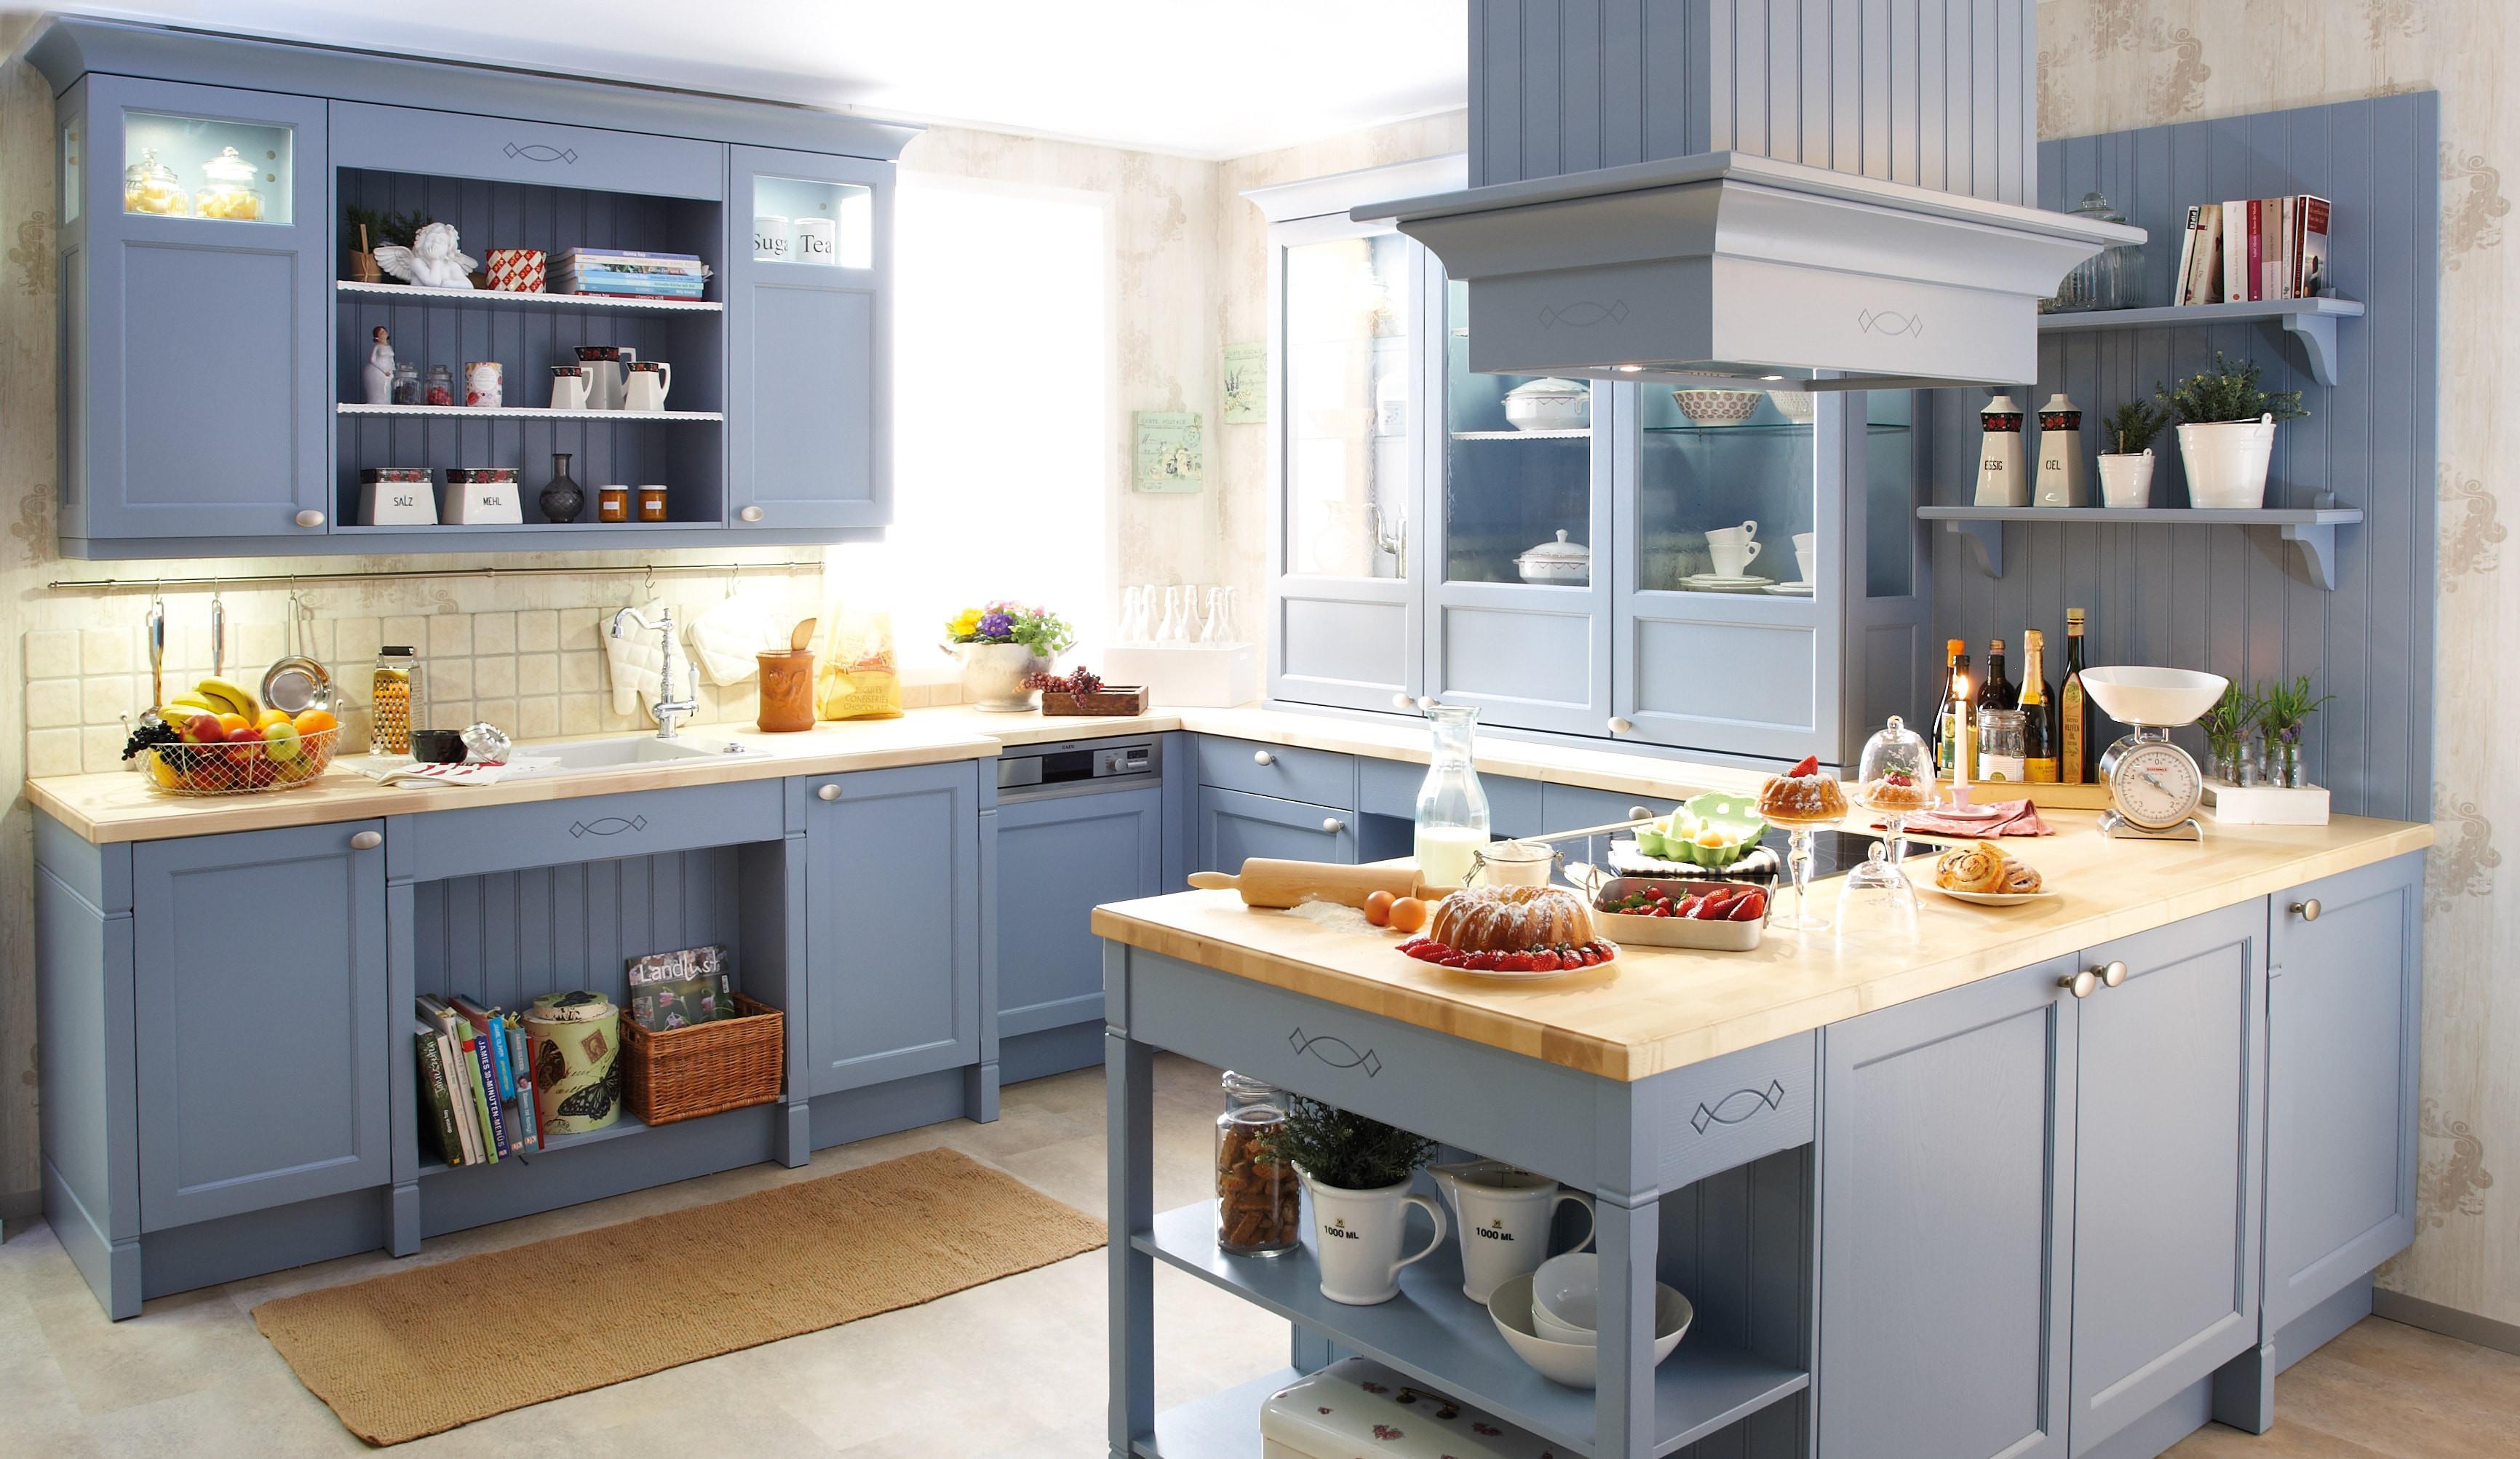 Küche Quelle  Landhaus Einbauküche Spinell Achatblau Küchen Quelle